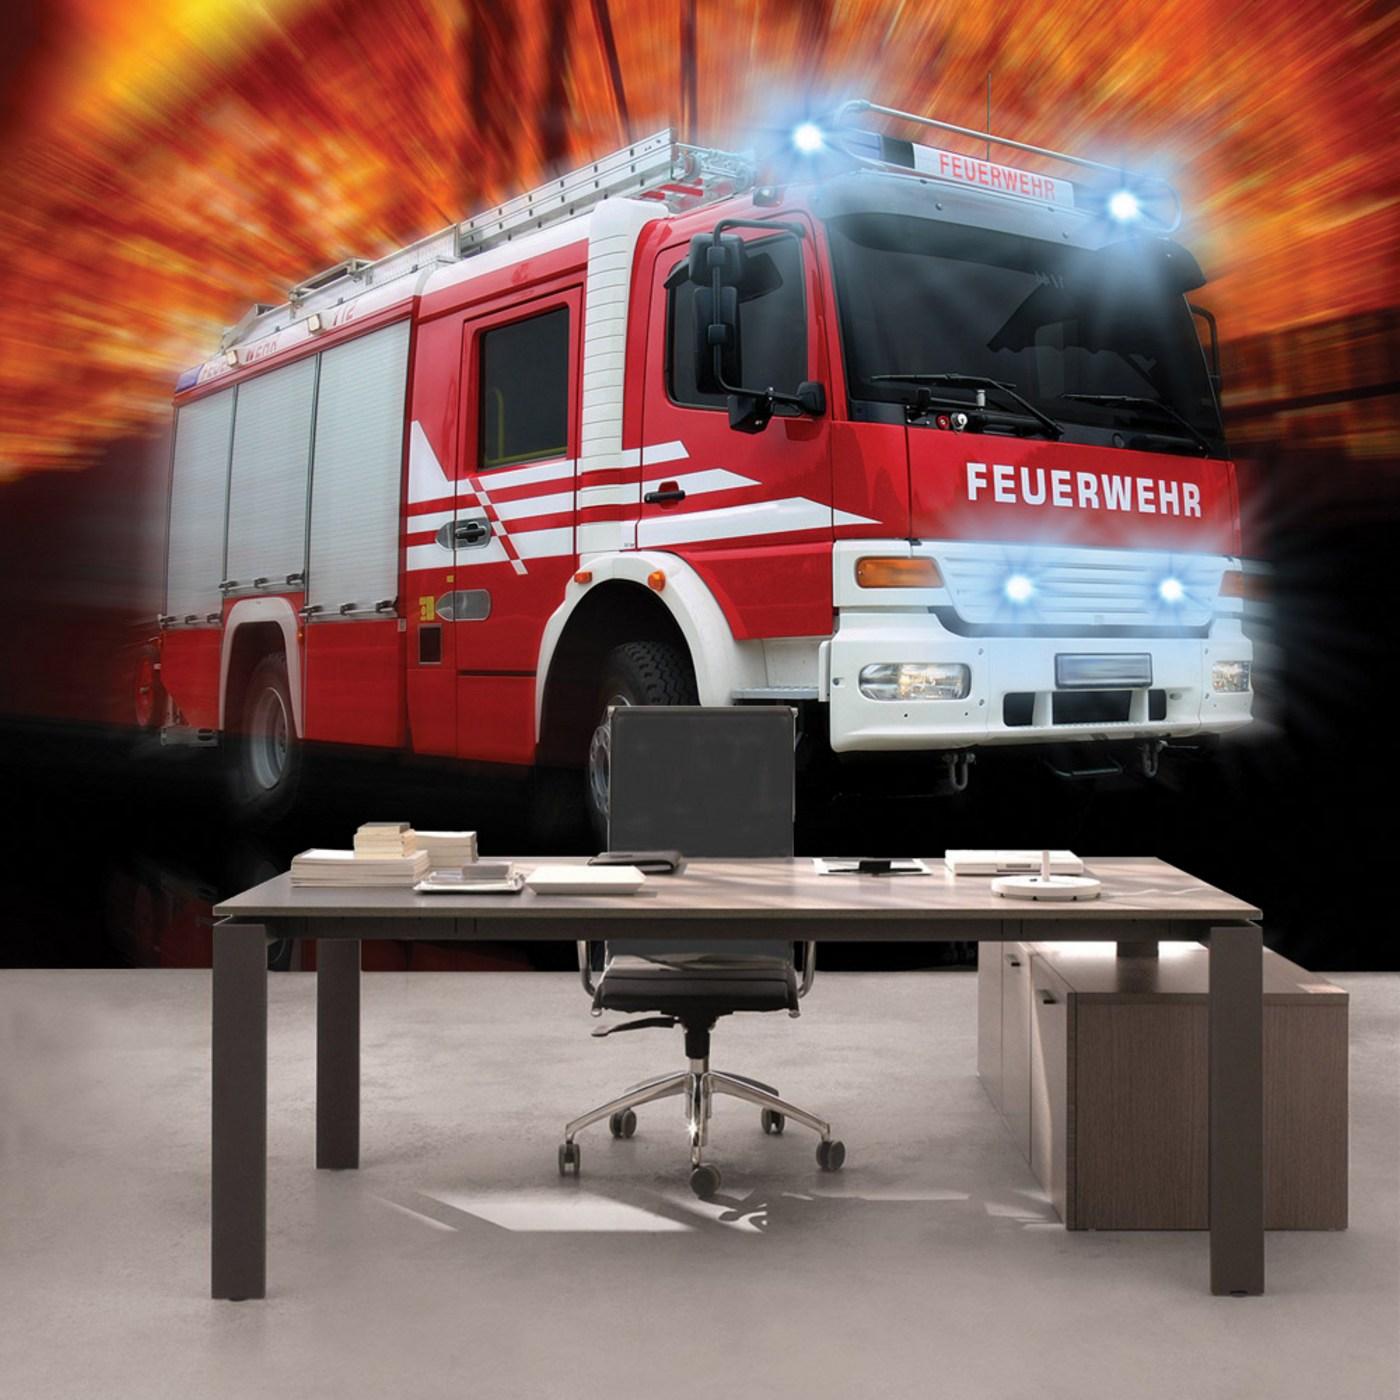 Vlies Fototapete  Autos Tapete Feuerwehr Feuerwehrauto Auto Blaulicht Rot